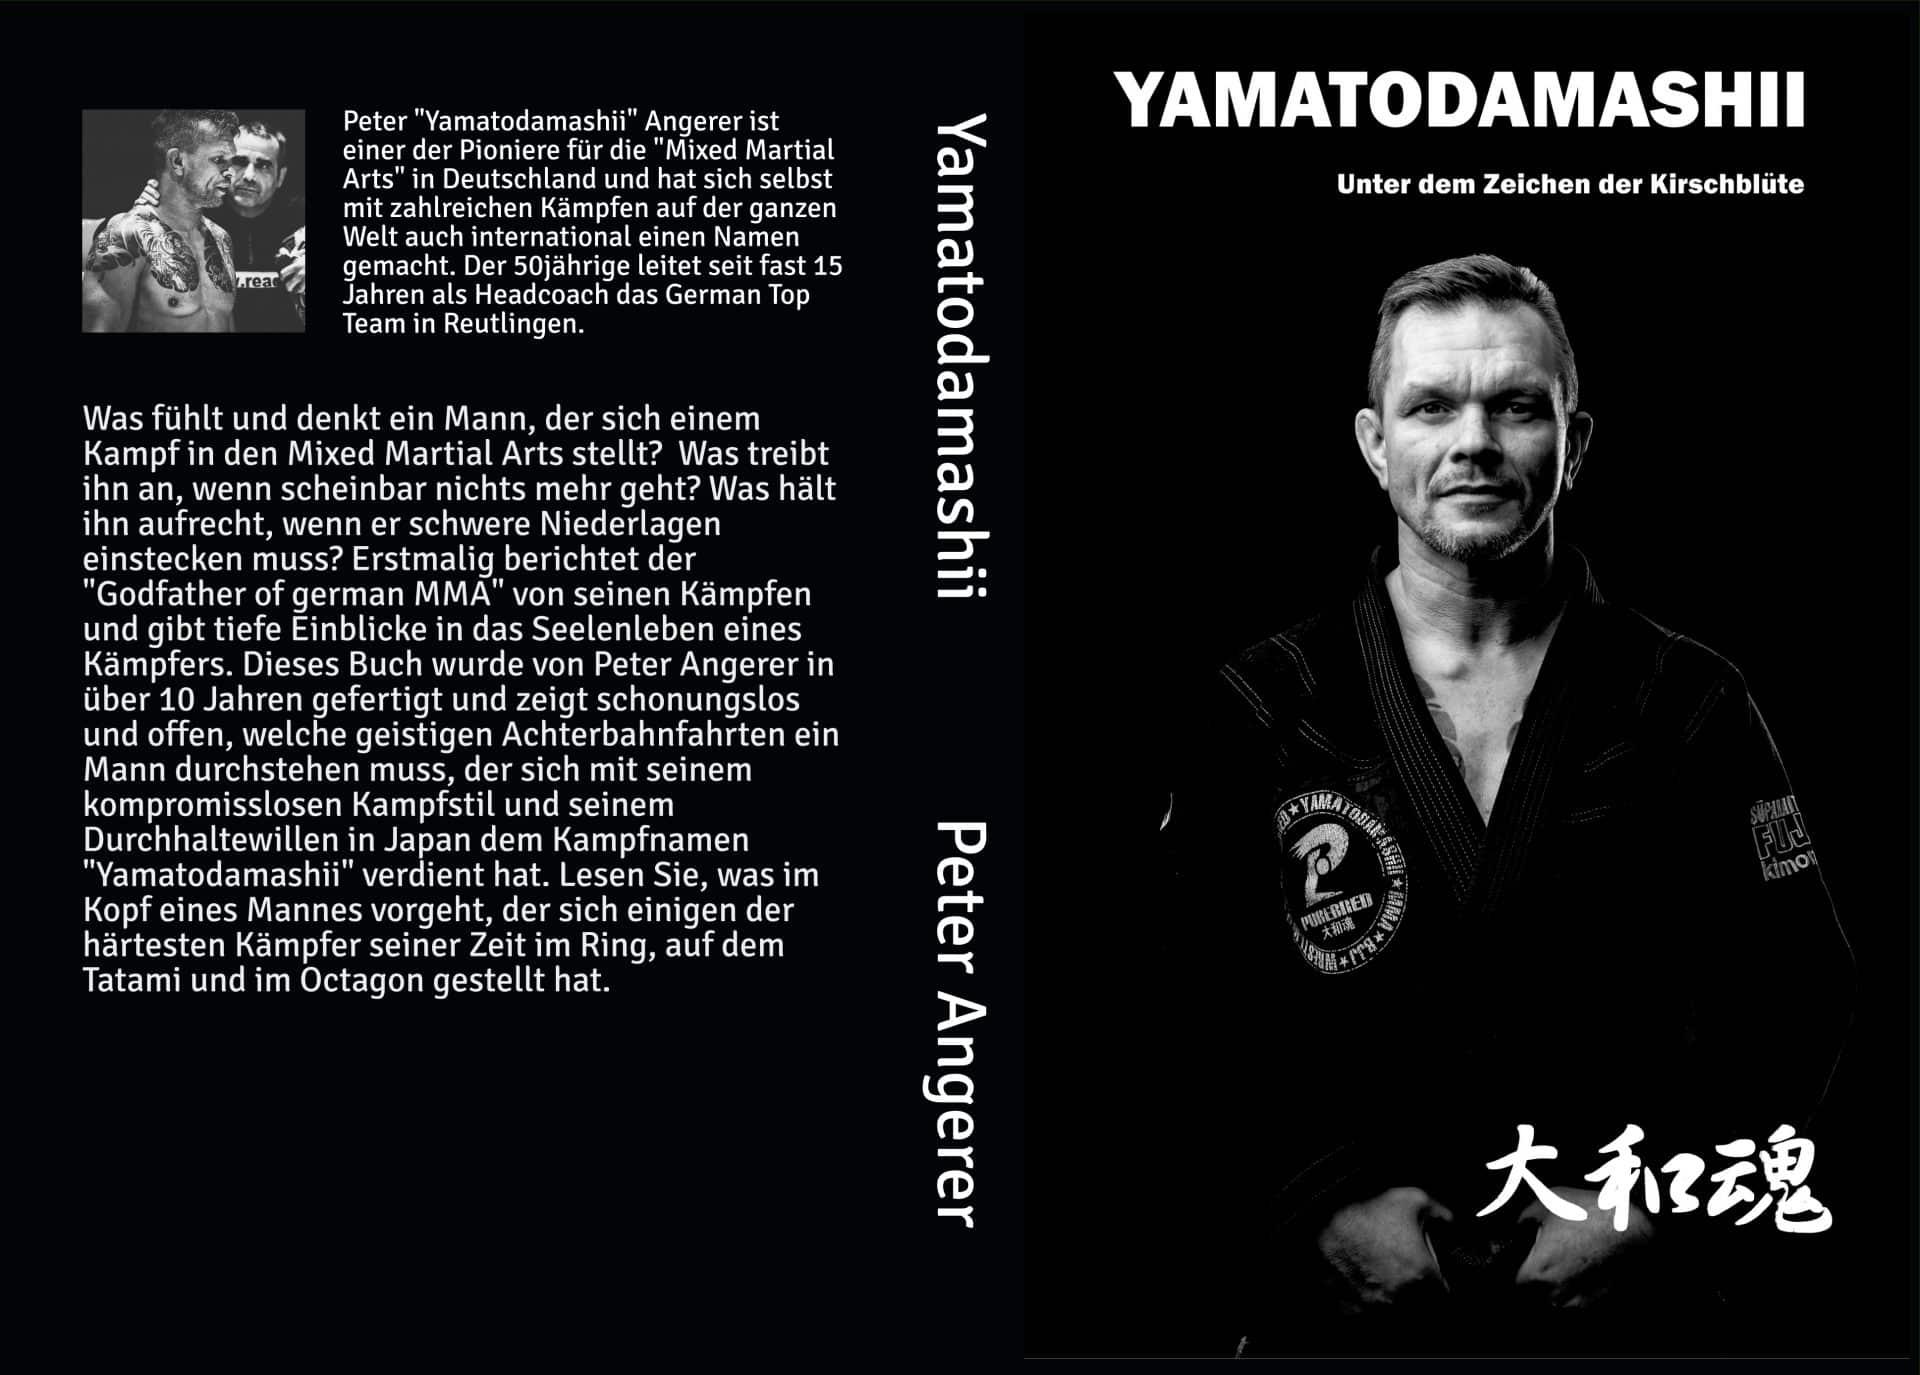 Yamatodamashii